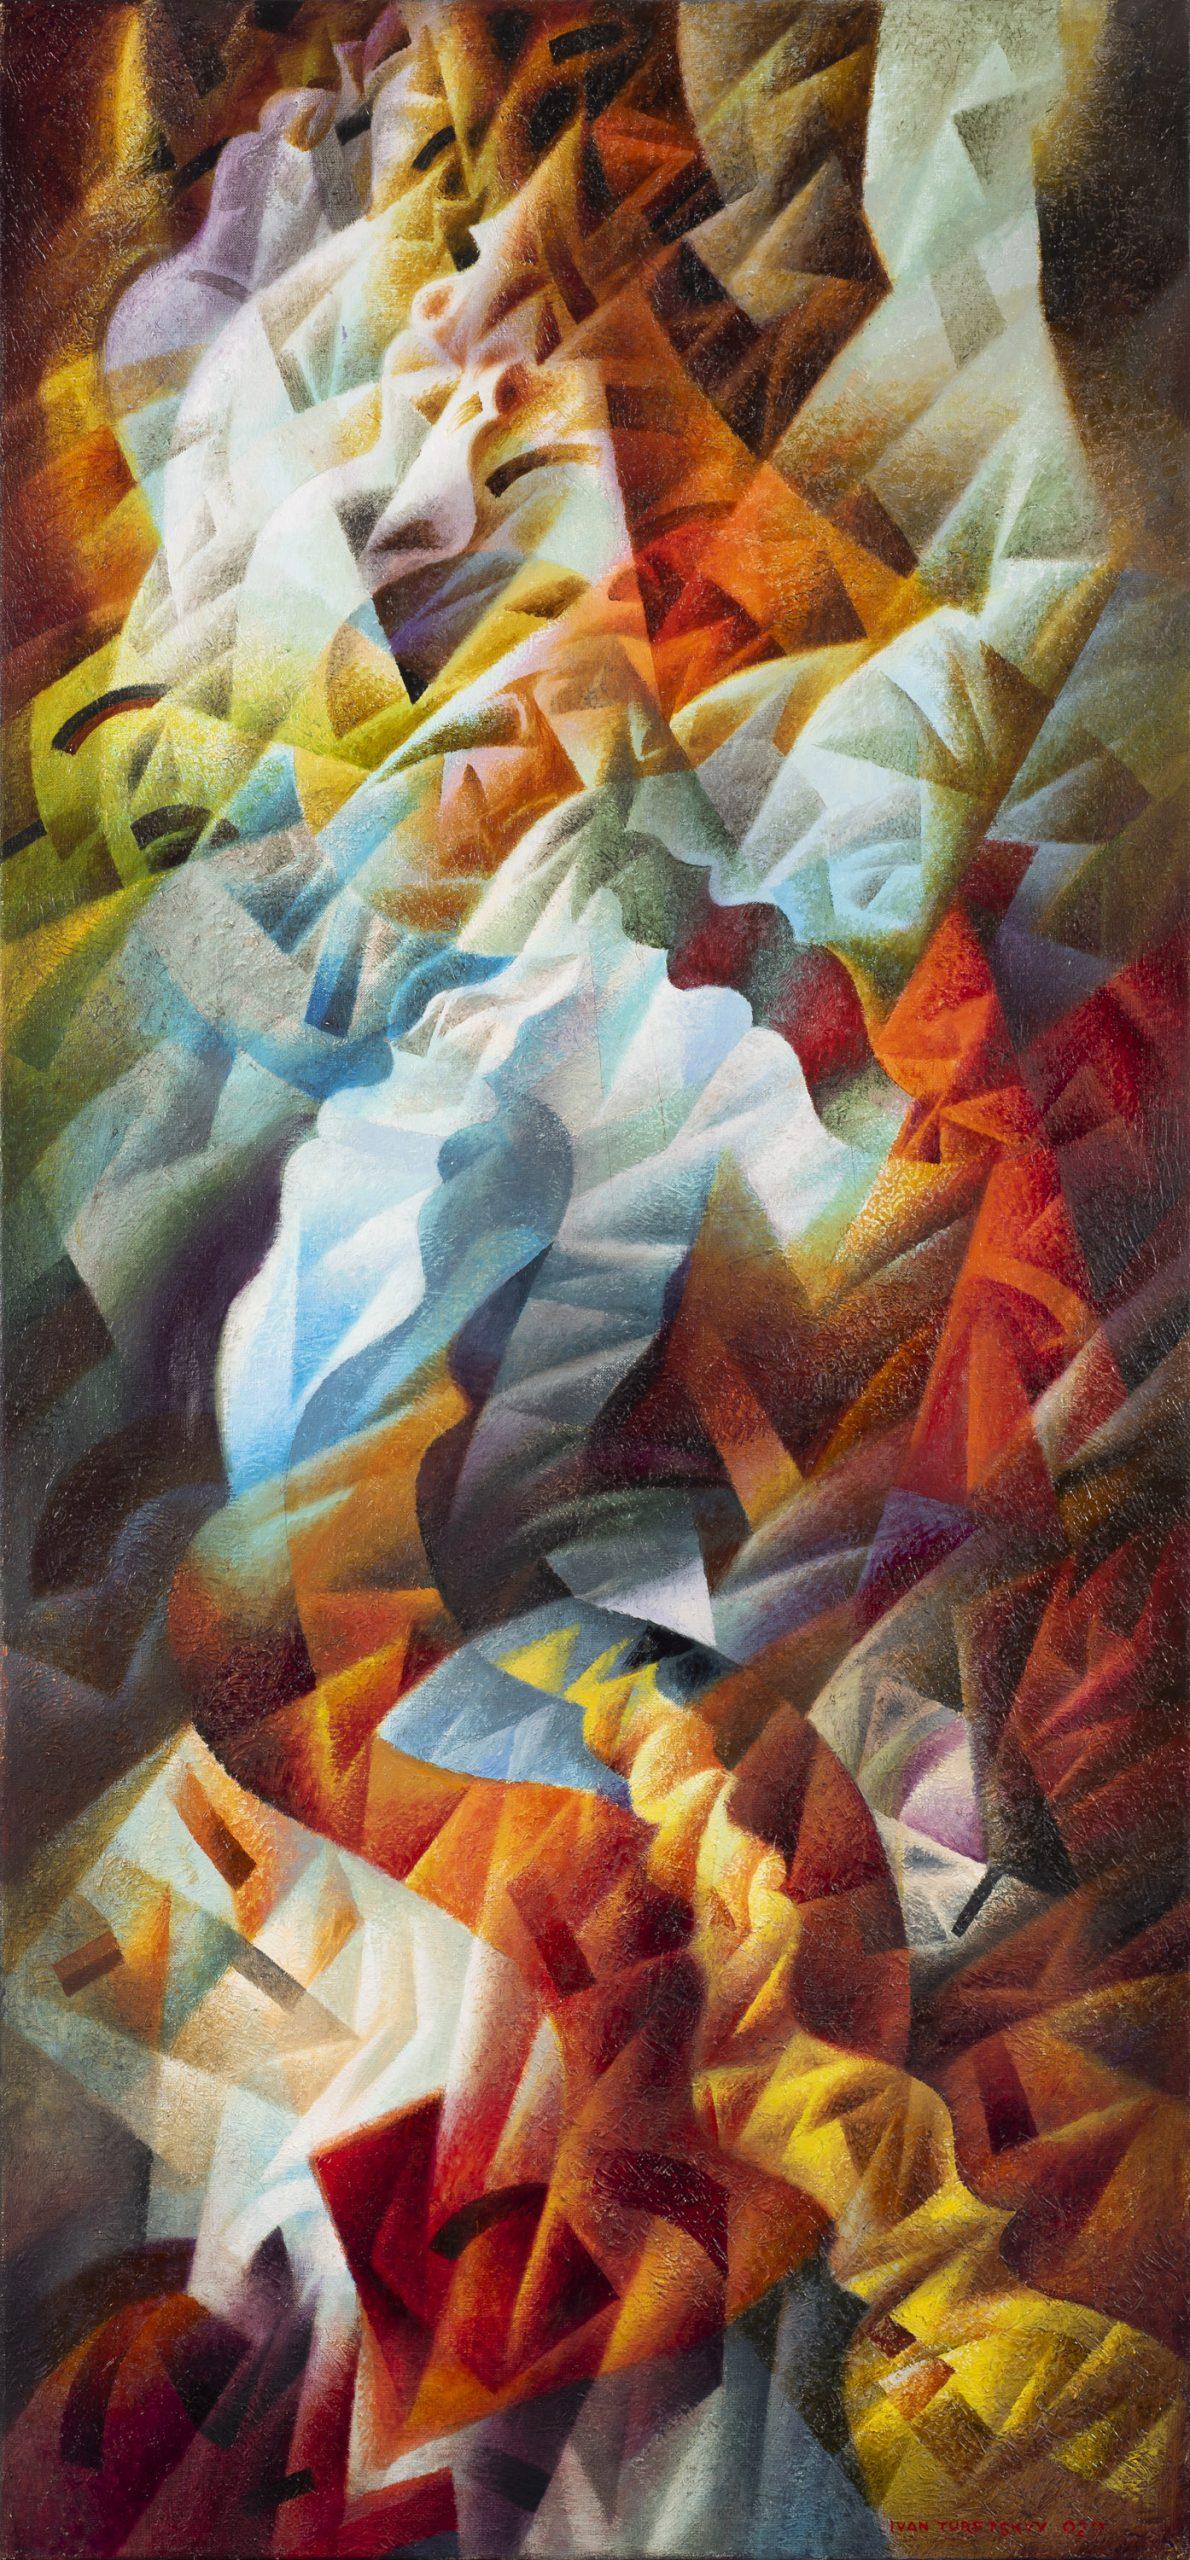 The Waves of Warm Memories, 2020 - Ivan Turetsky